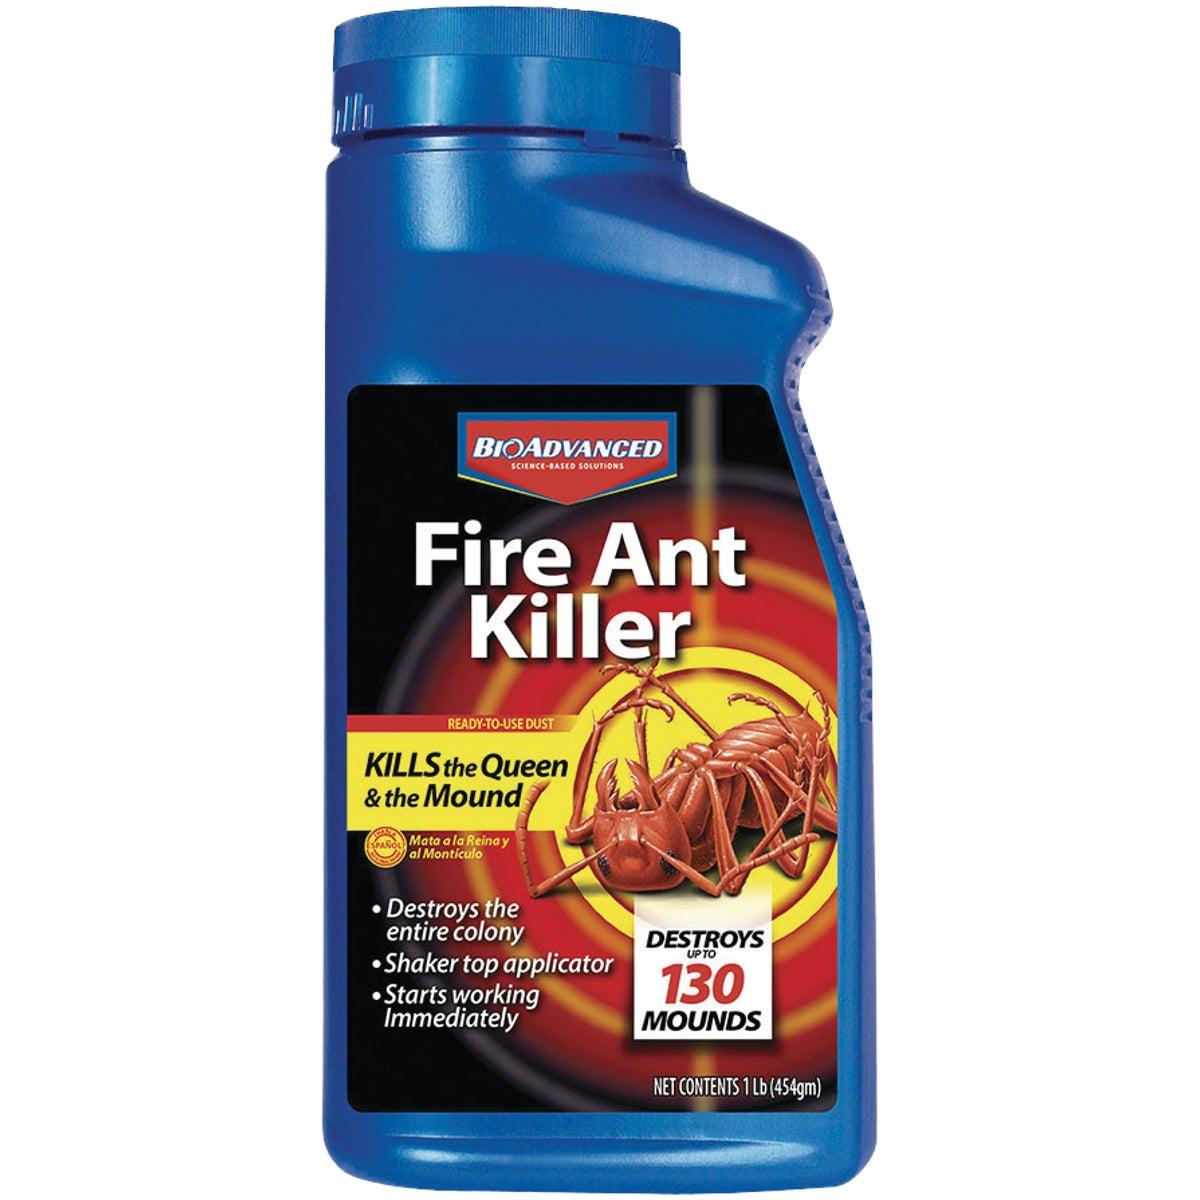 16OZ FIRE ANT KILLER